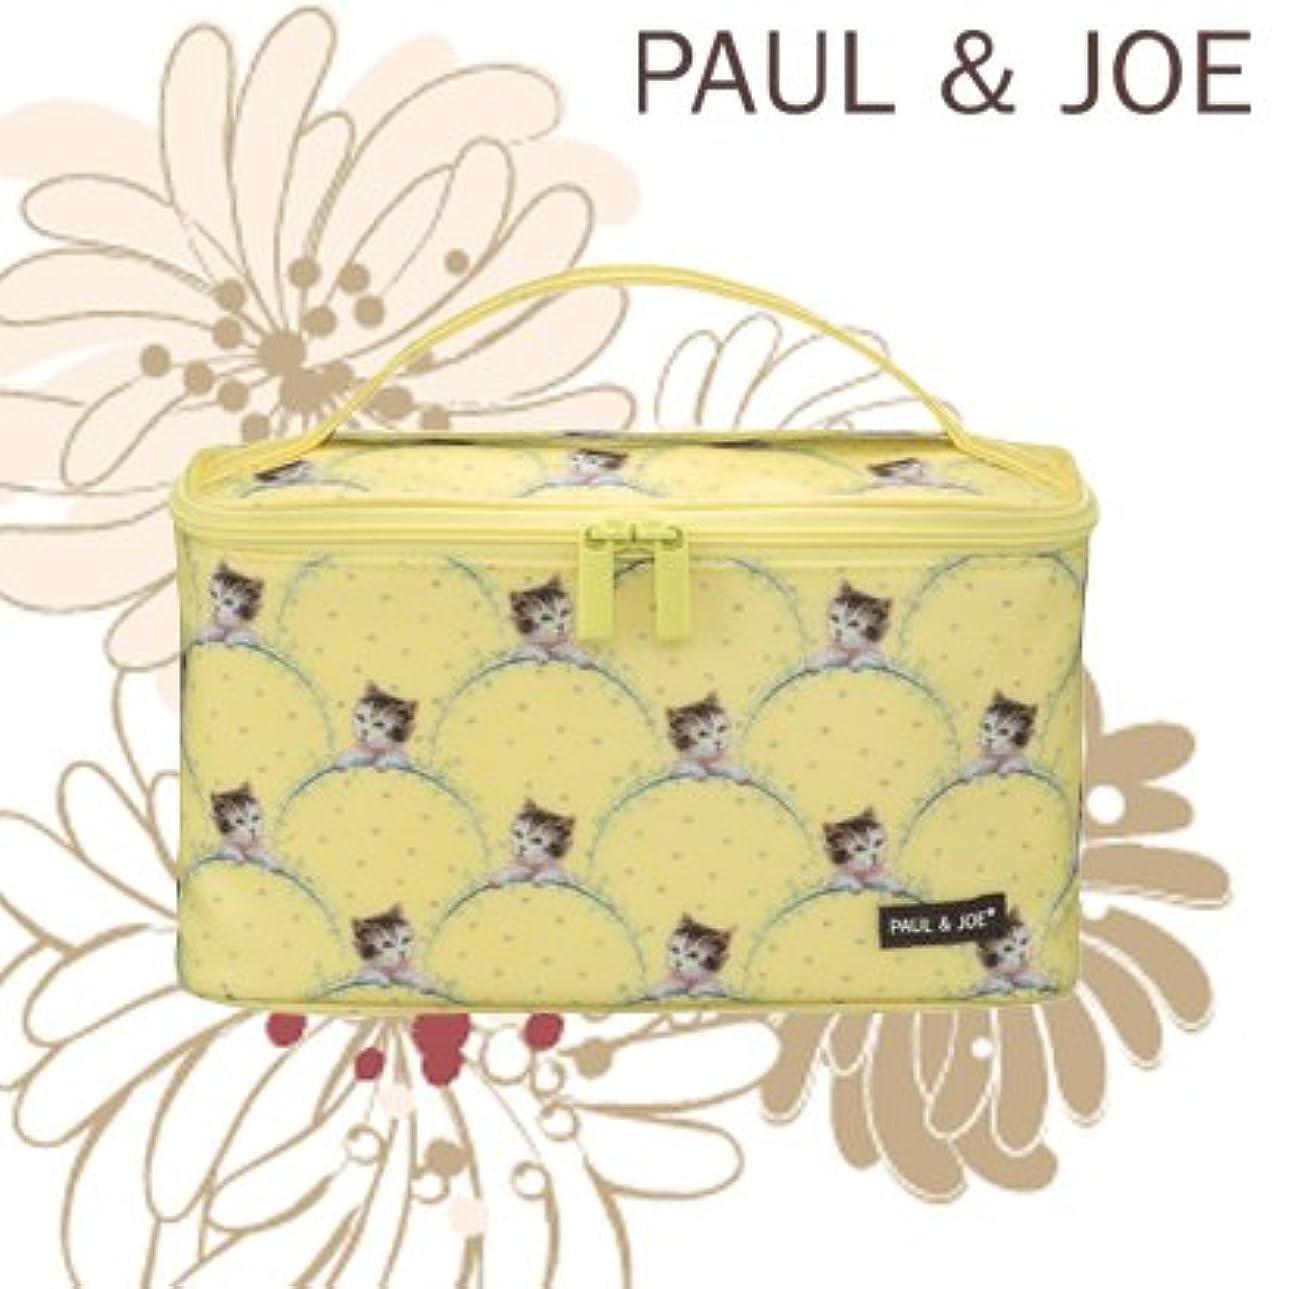 水を飲む摘む大きさポール&ジョー コスメティック ポーチ II 猫柄 -PAUL&JOE-【並行輸入品】